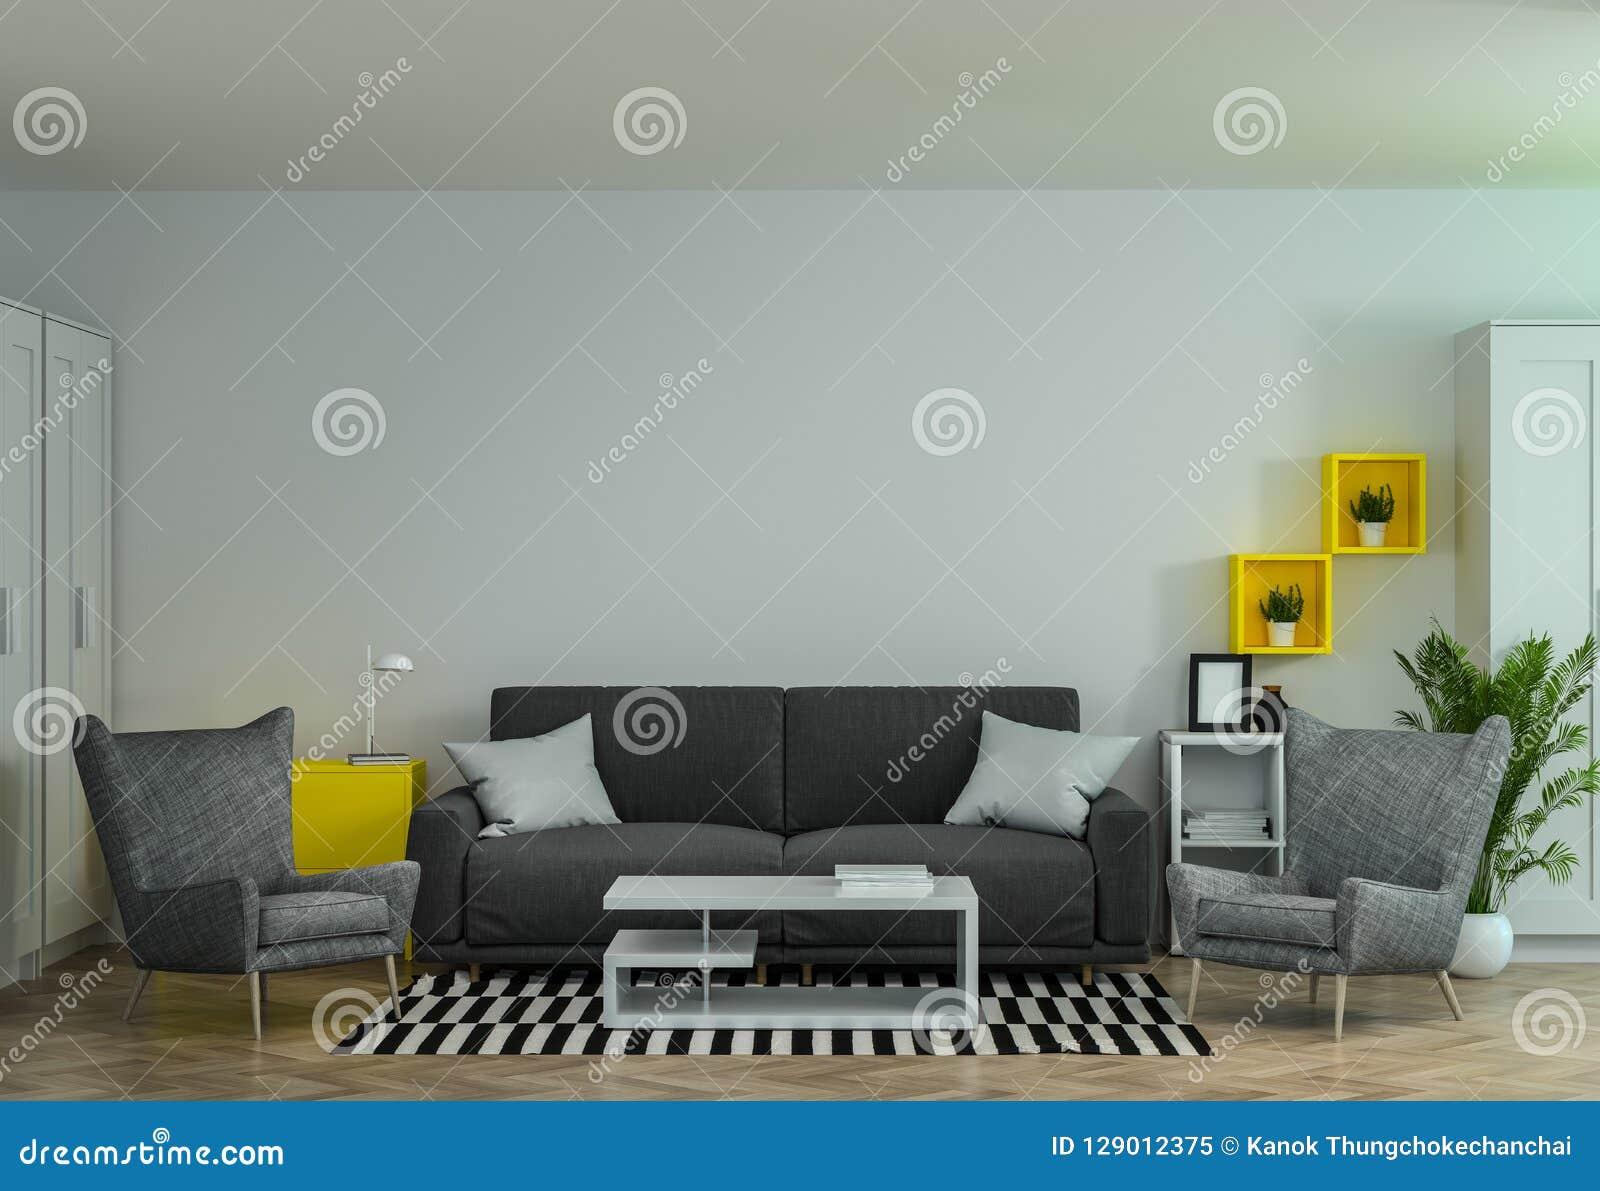 有沙发和扶手椅子3d翻译公共汽车的现代内部办公室候选会议地点co工作环境装饰客厅休息室